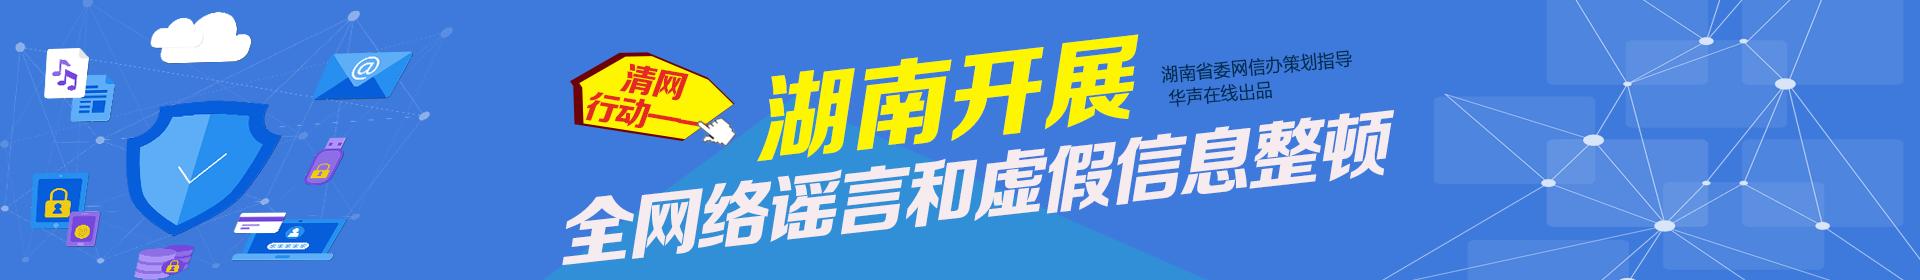 清网行动——湖南开展网络谣言和虚假信息整顿